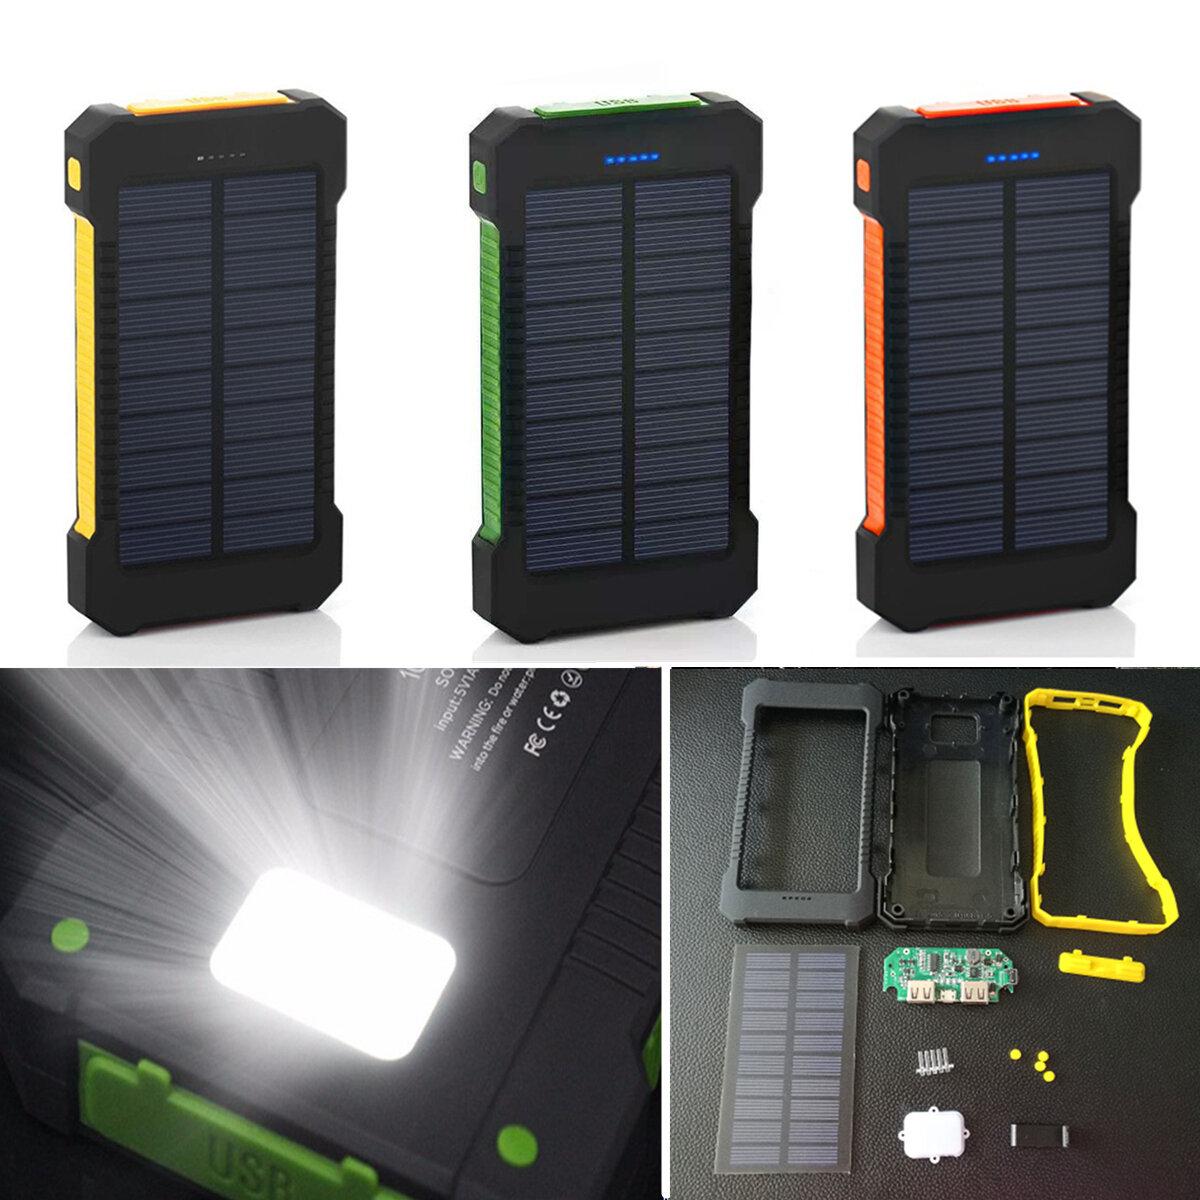 Bakeey F5 10000mAh सौर पैनल एलईडी दोहरी USB पोर्ट्स DIY पावर बैंक केस बैटरी चार्जर किट बॉक्स